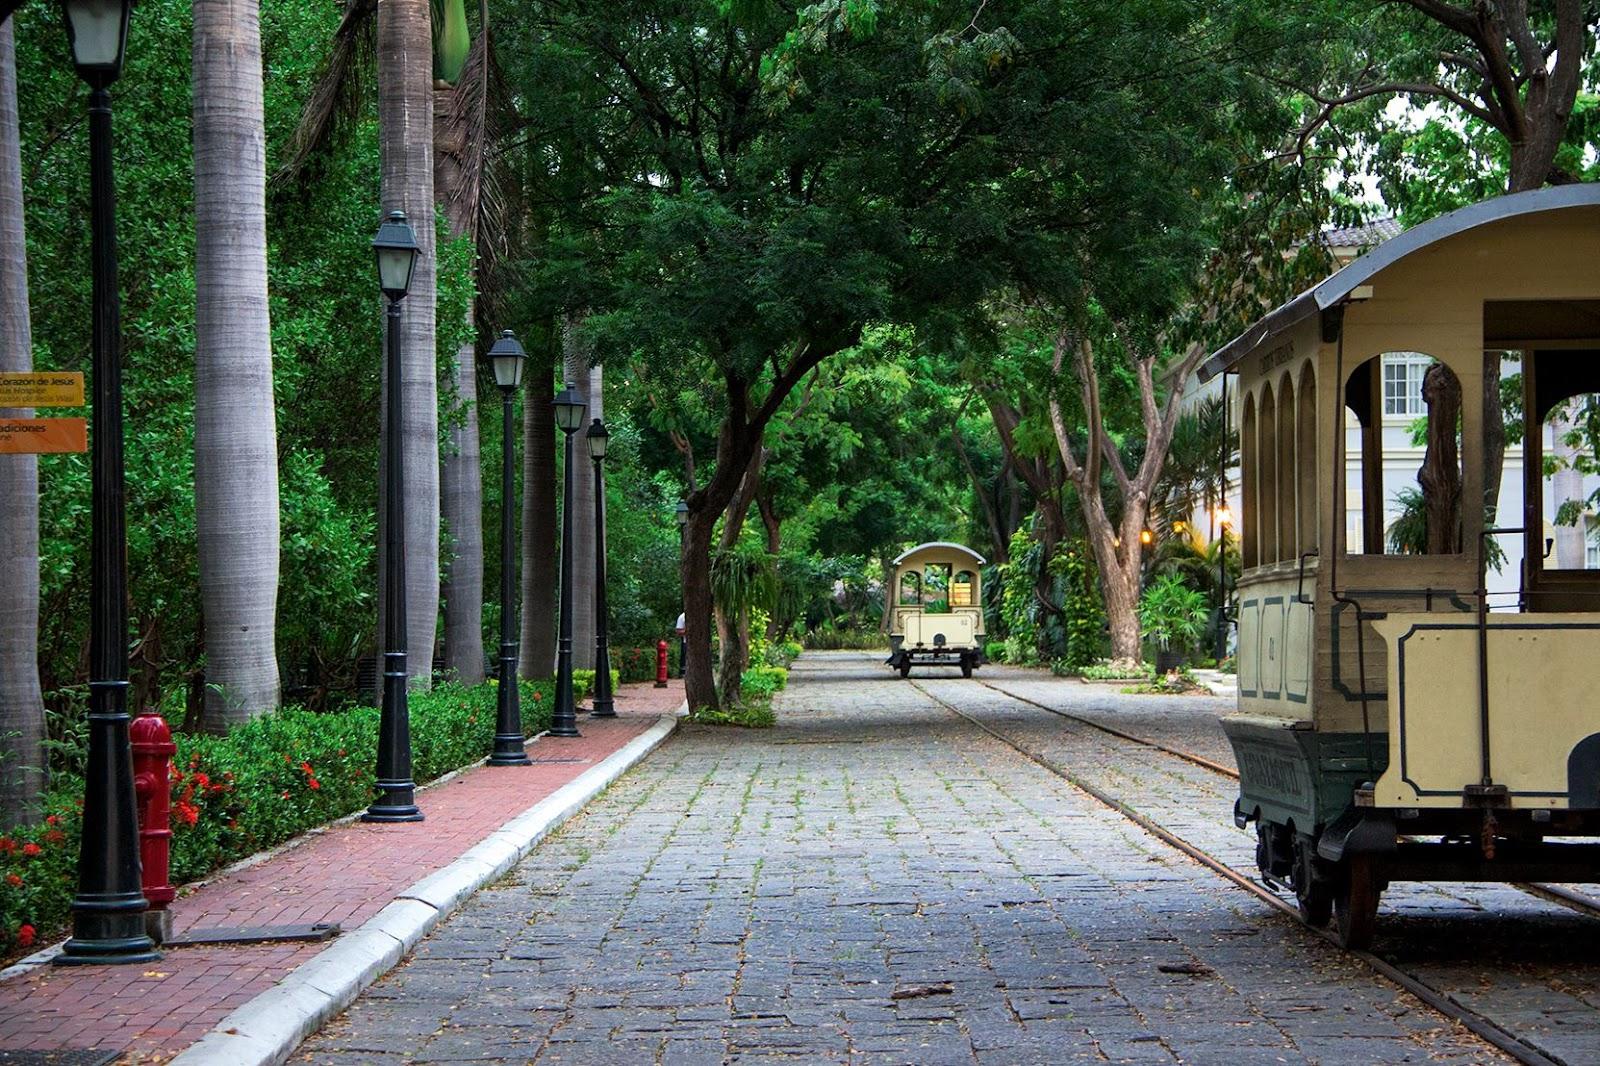 Guayaquil Historic Park